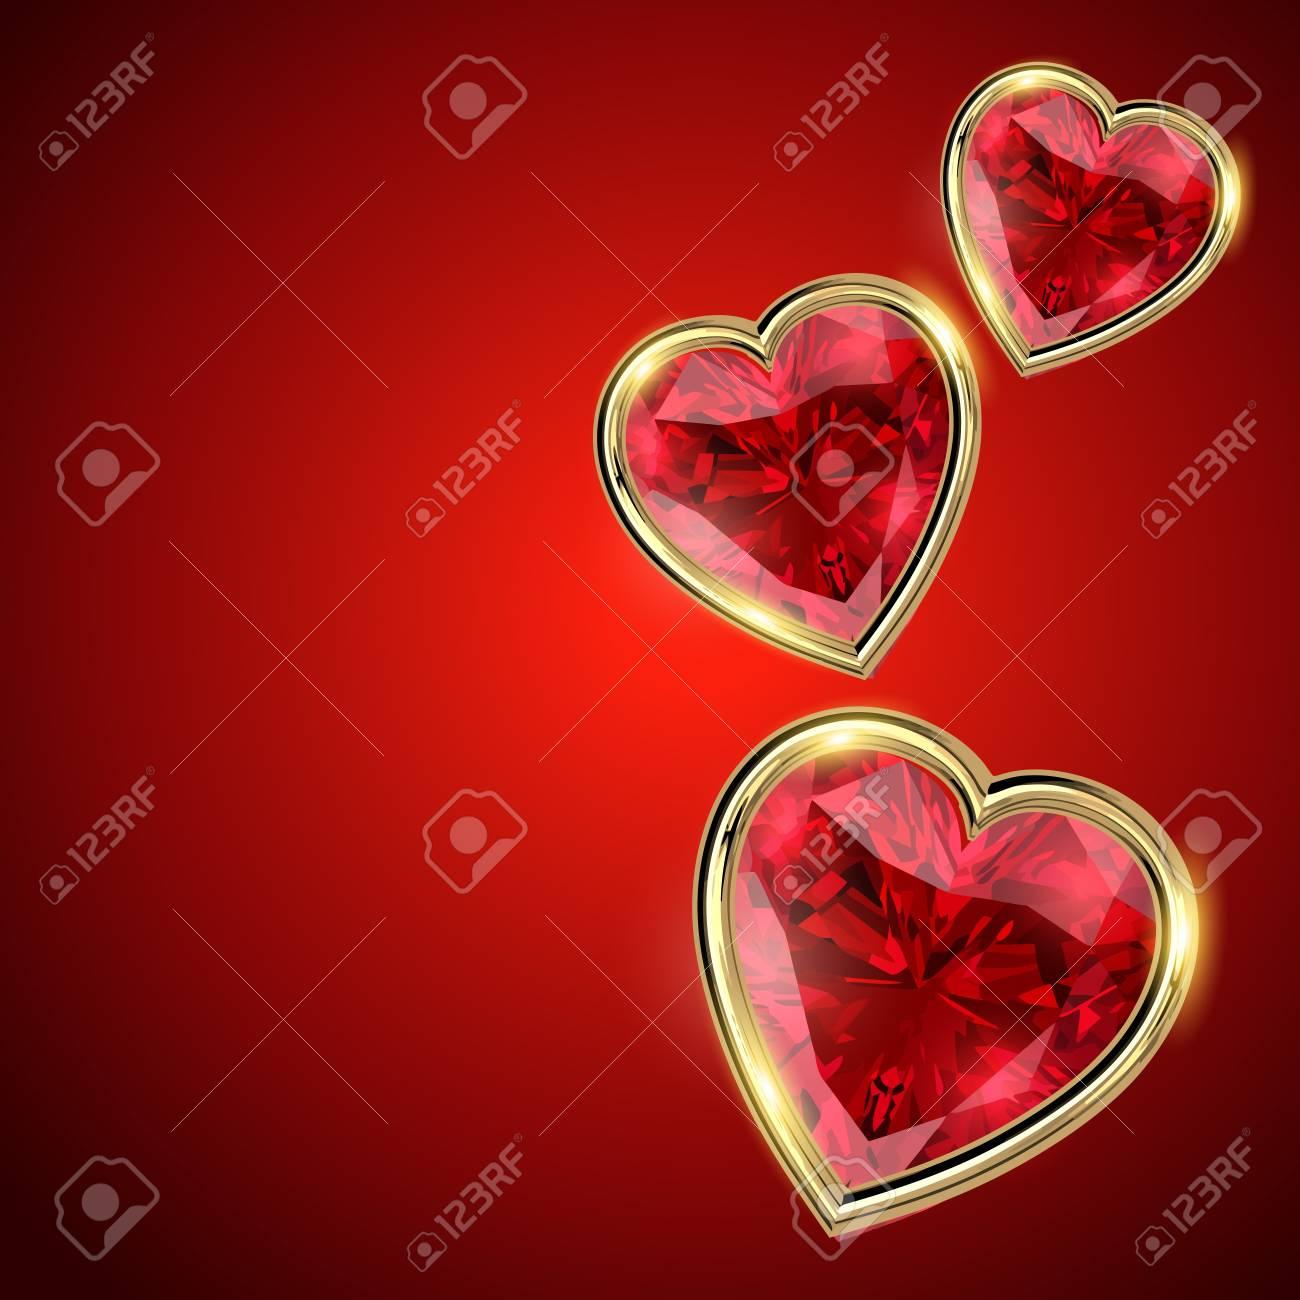 Schönen Valentinstag Herzillustration Lizenzfrei Nutzbare